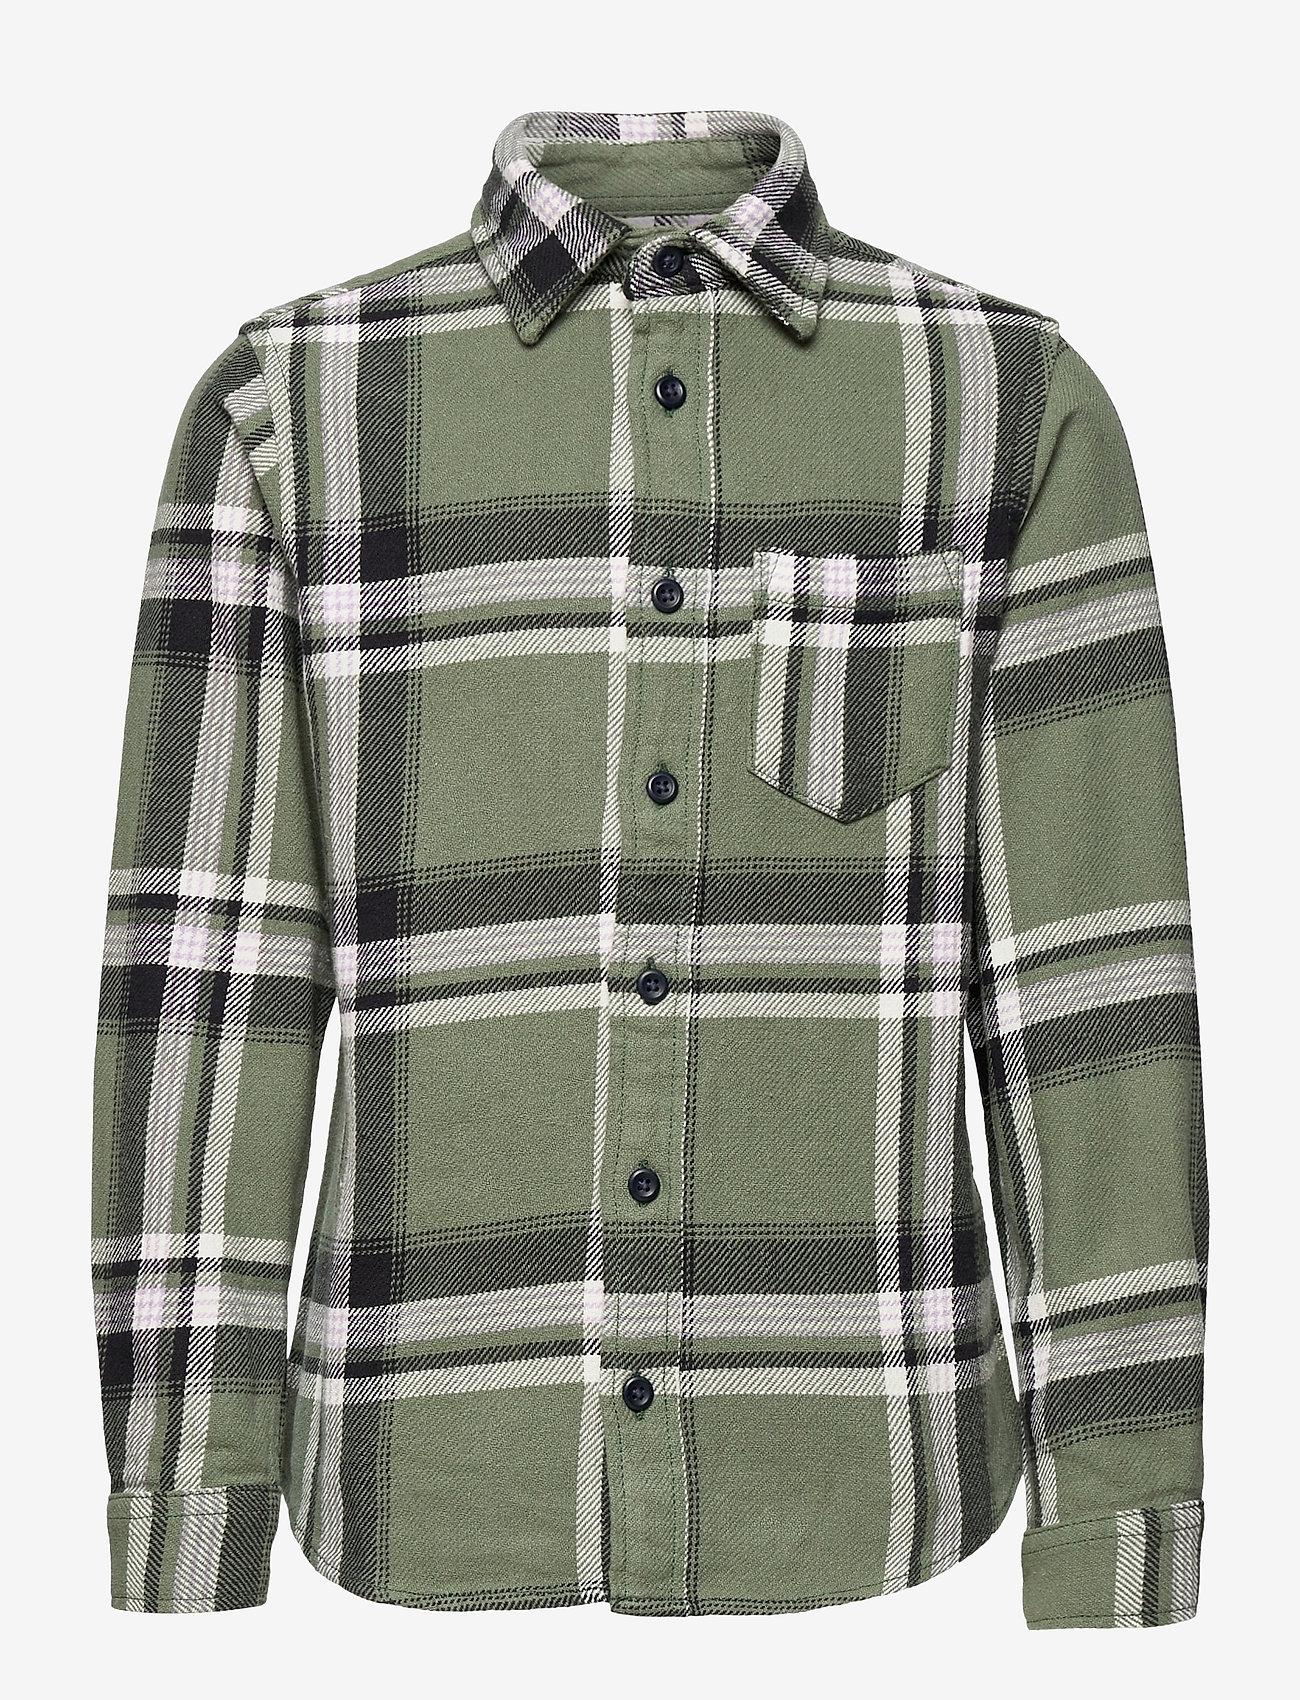 Jack & Jones - JORFINDER SHIRT LS JR - shirts - sea spray - 0